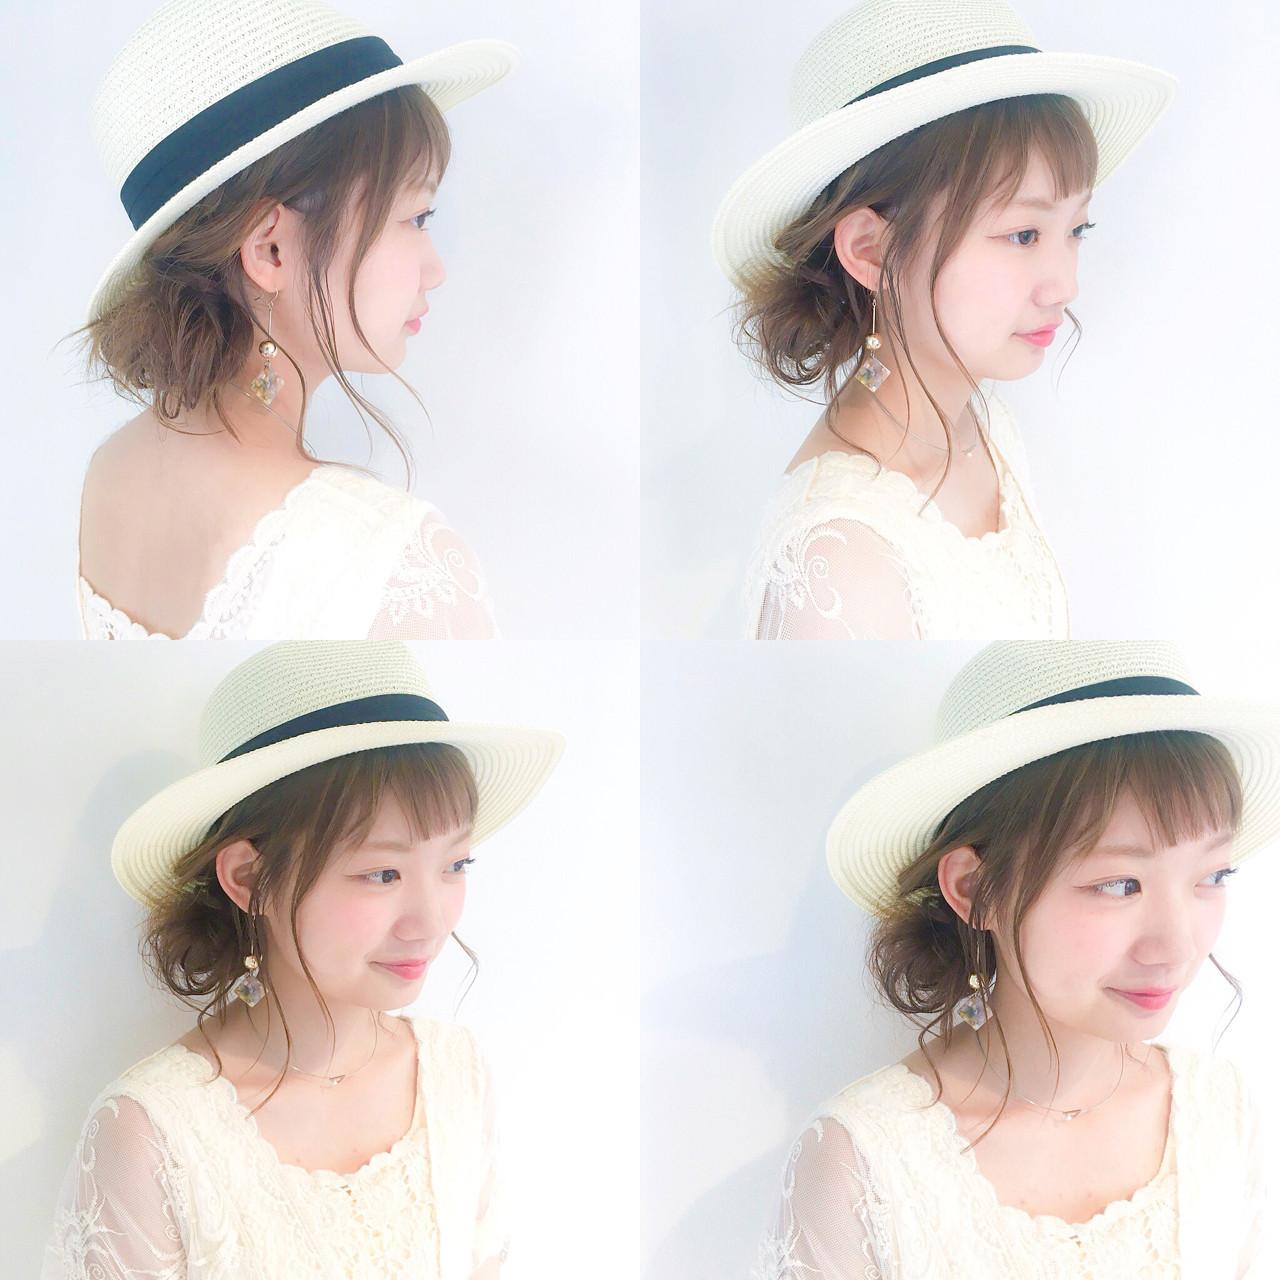 女子会 夏 麦わら帽子 ナチュラル ヘアスタイルや髪型の写真・画像